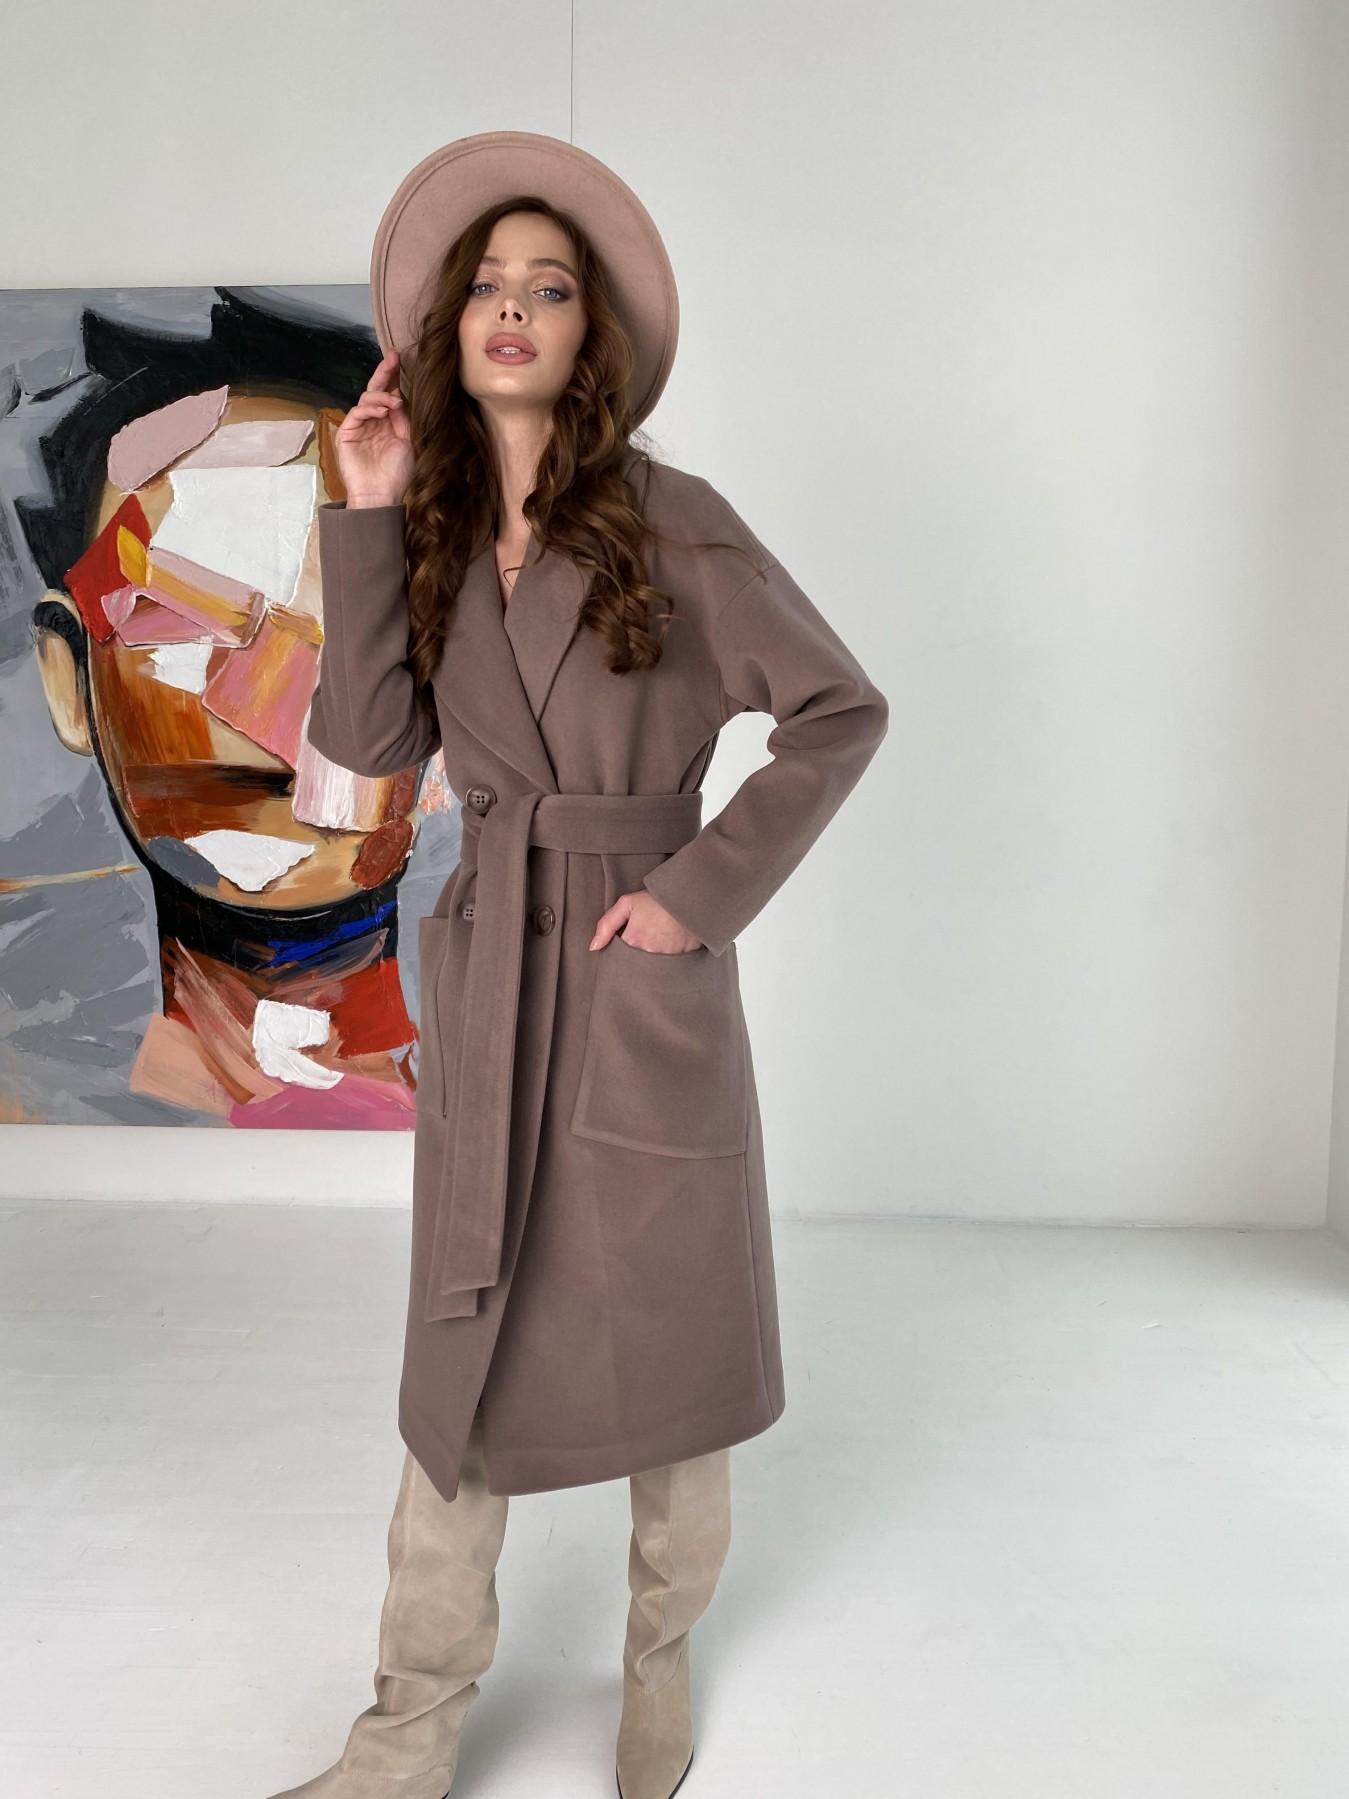 Свайп макси пальто из кашемира на трикотаже 10619 АРТ. 46998 Цвет: Кофе - фото 6, интернет магазин tm-modus.ru